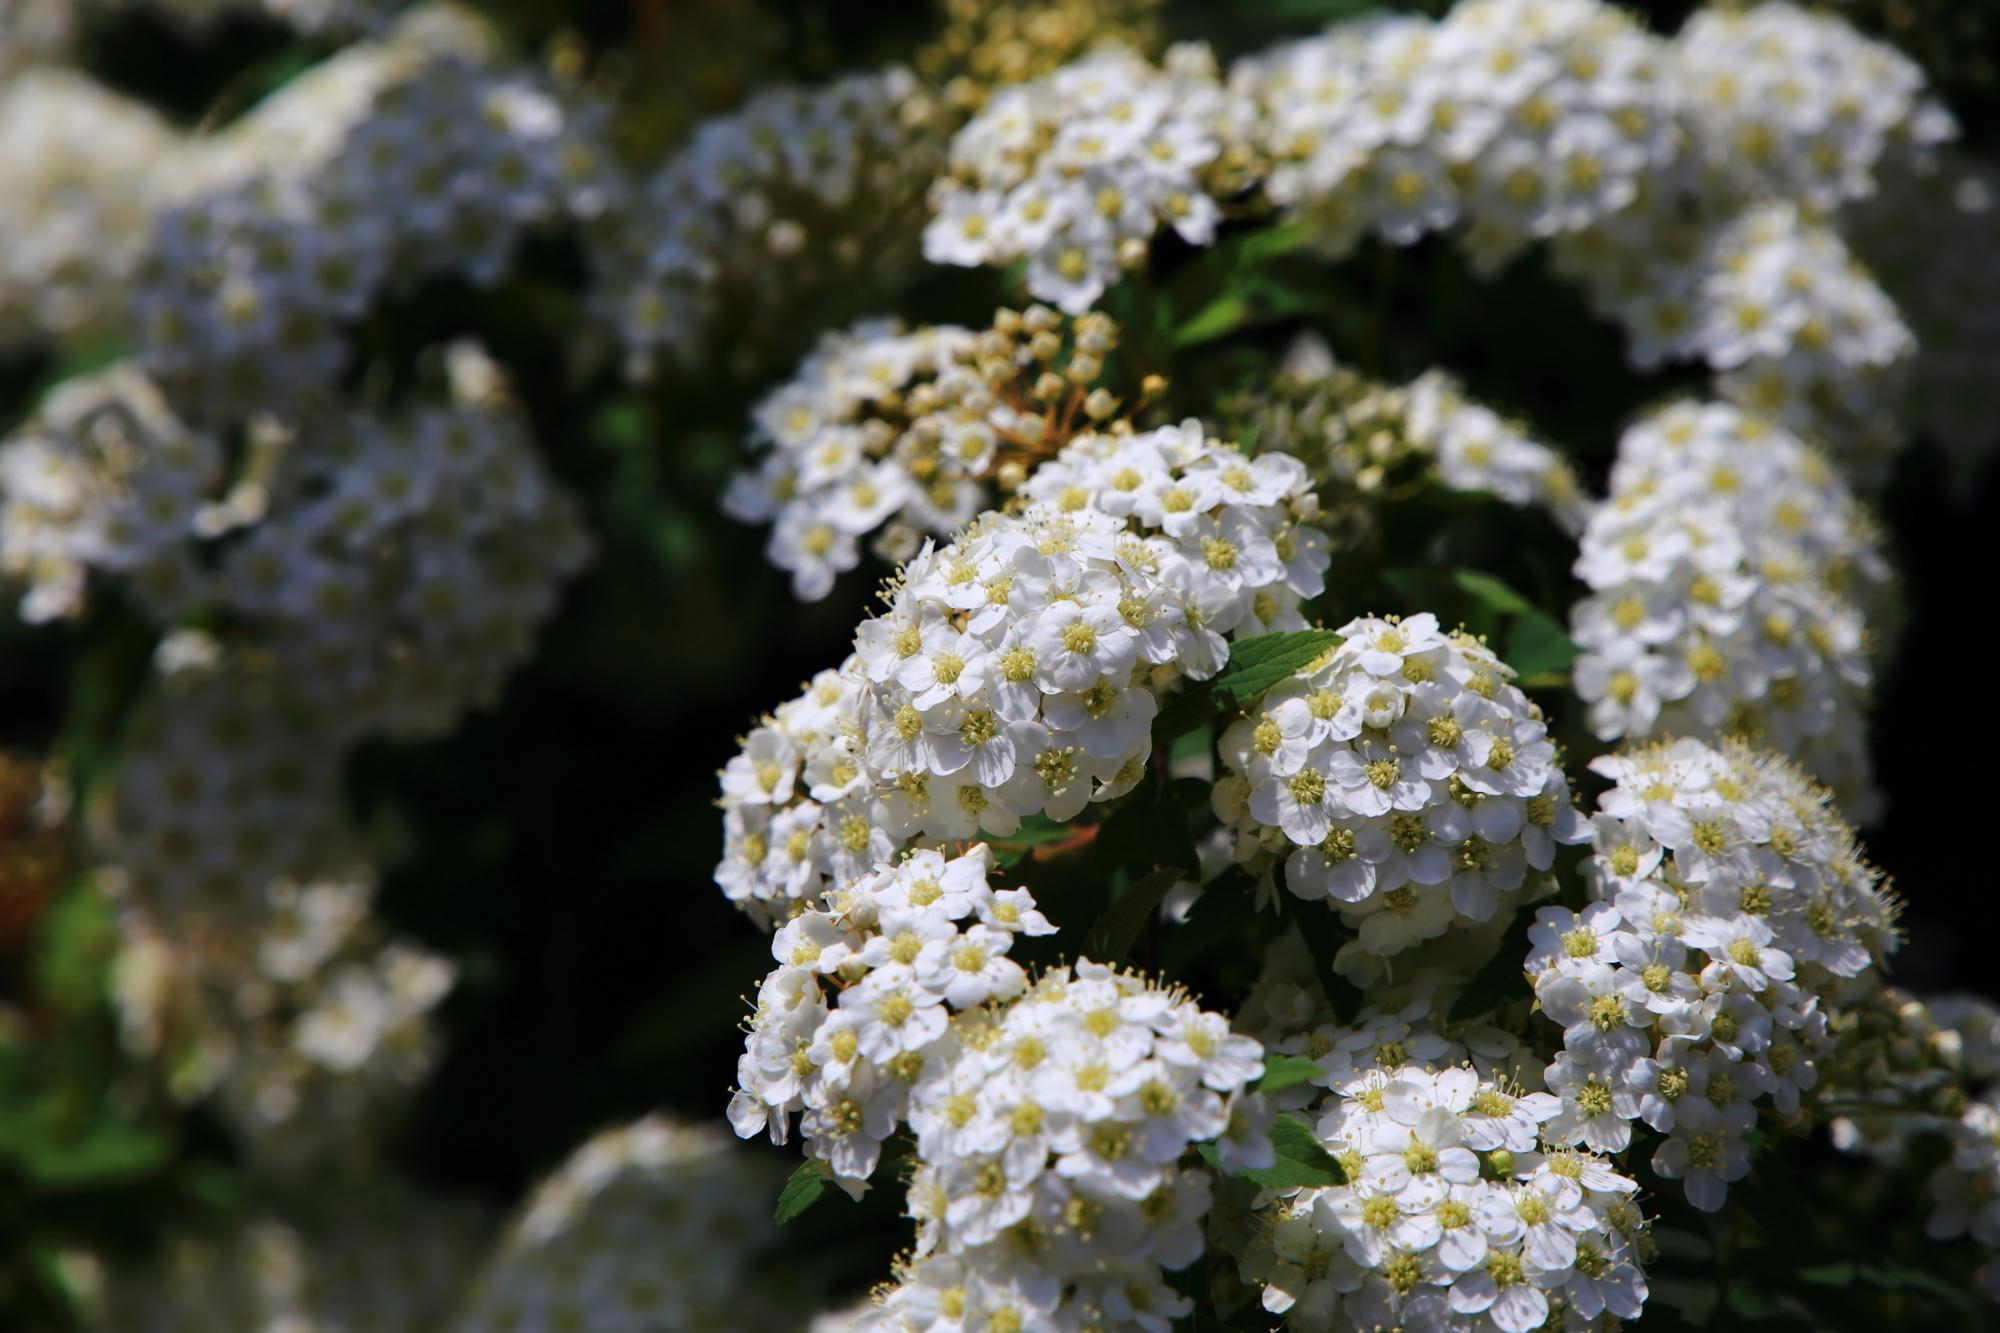 遠めで見るとの近くで見るのとでは印象がかなり異なる小手毬(こでまり)の花